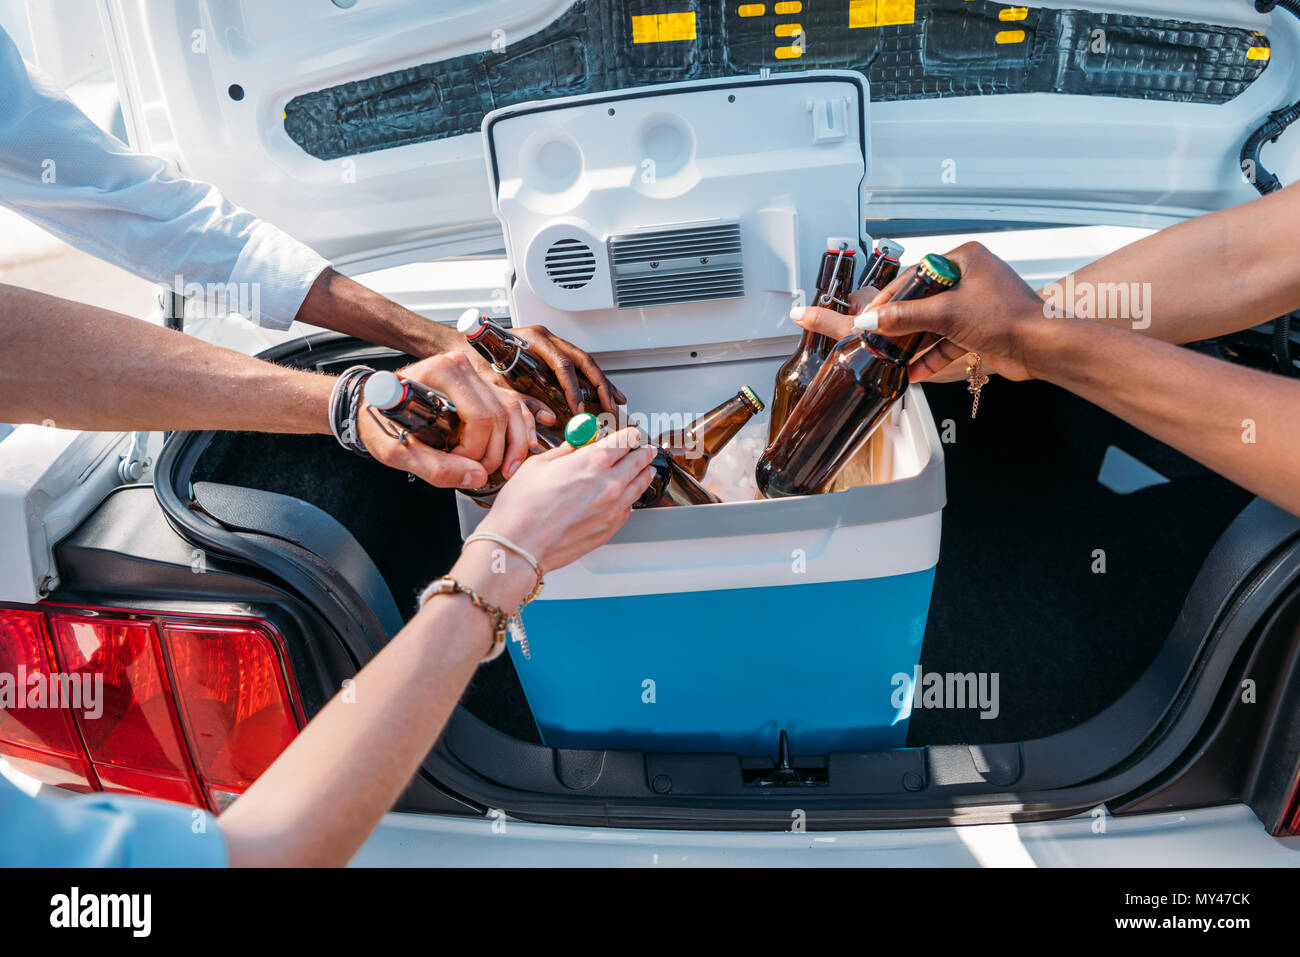 Kleiner Tragbarer Kühlschrank : Der leute die flaschen bier von tragbaren kühlschrank